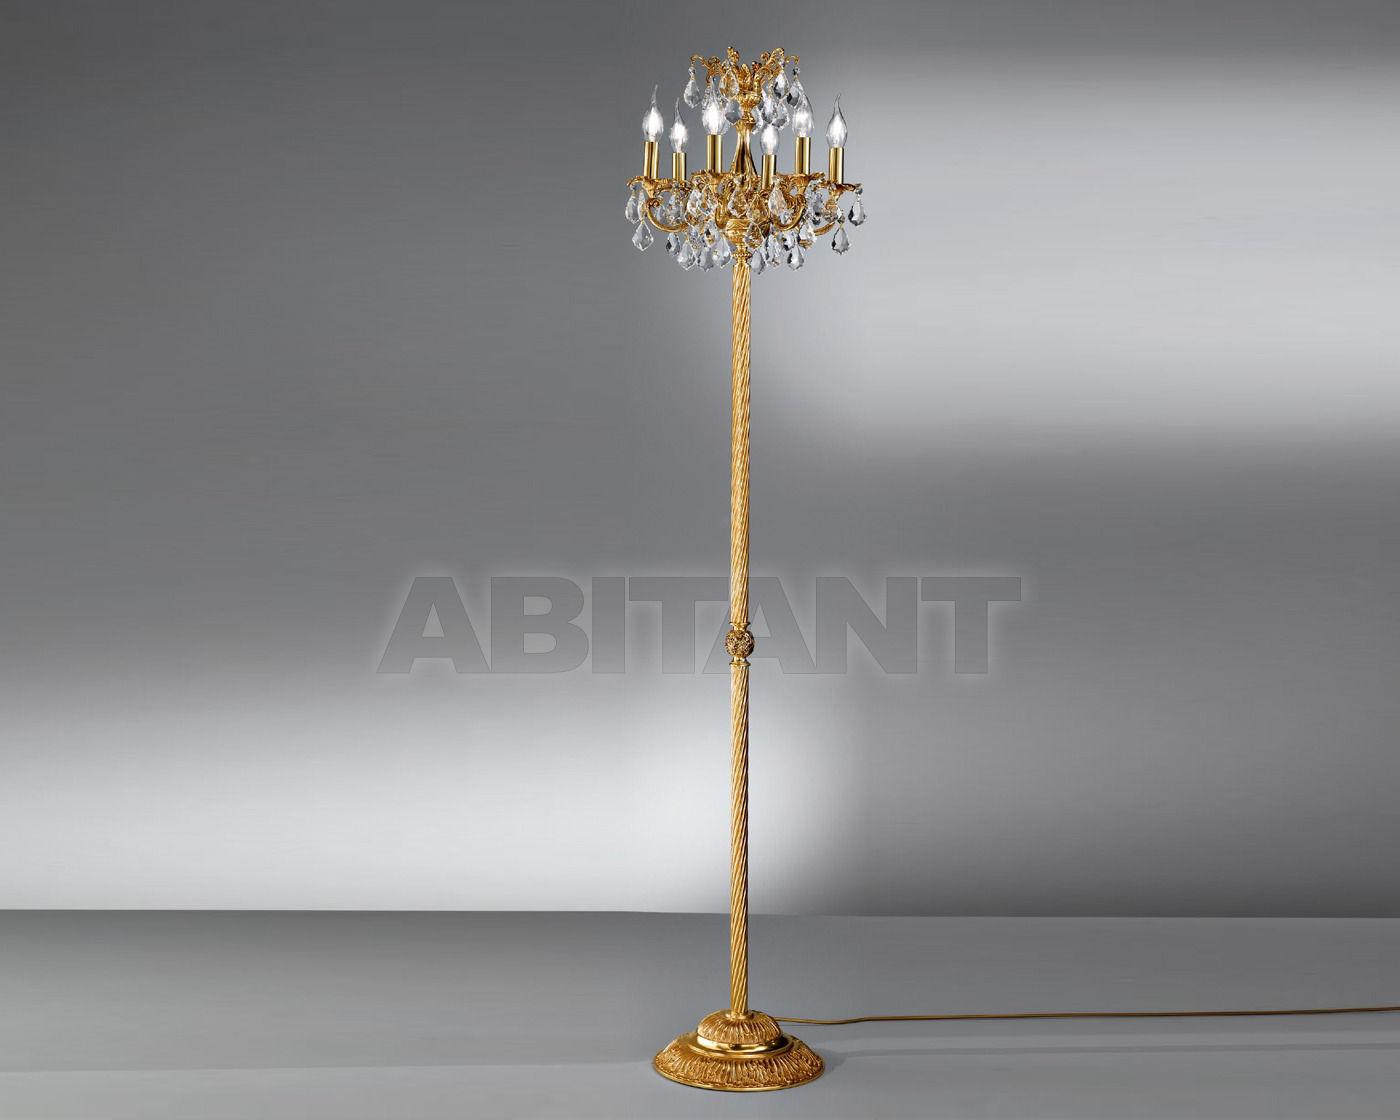 Купить Торшер Nervilamp Snc Nervilamp 2013 P 920/6